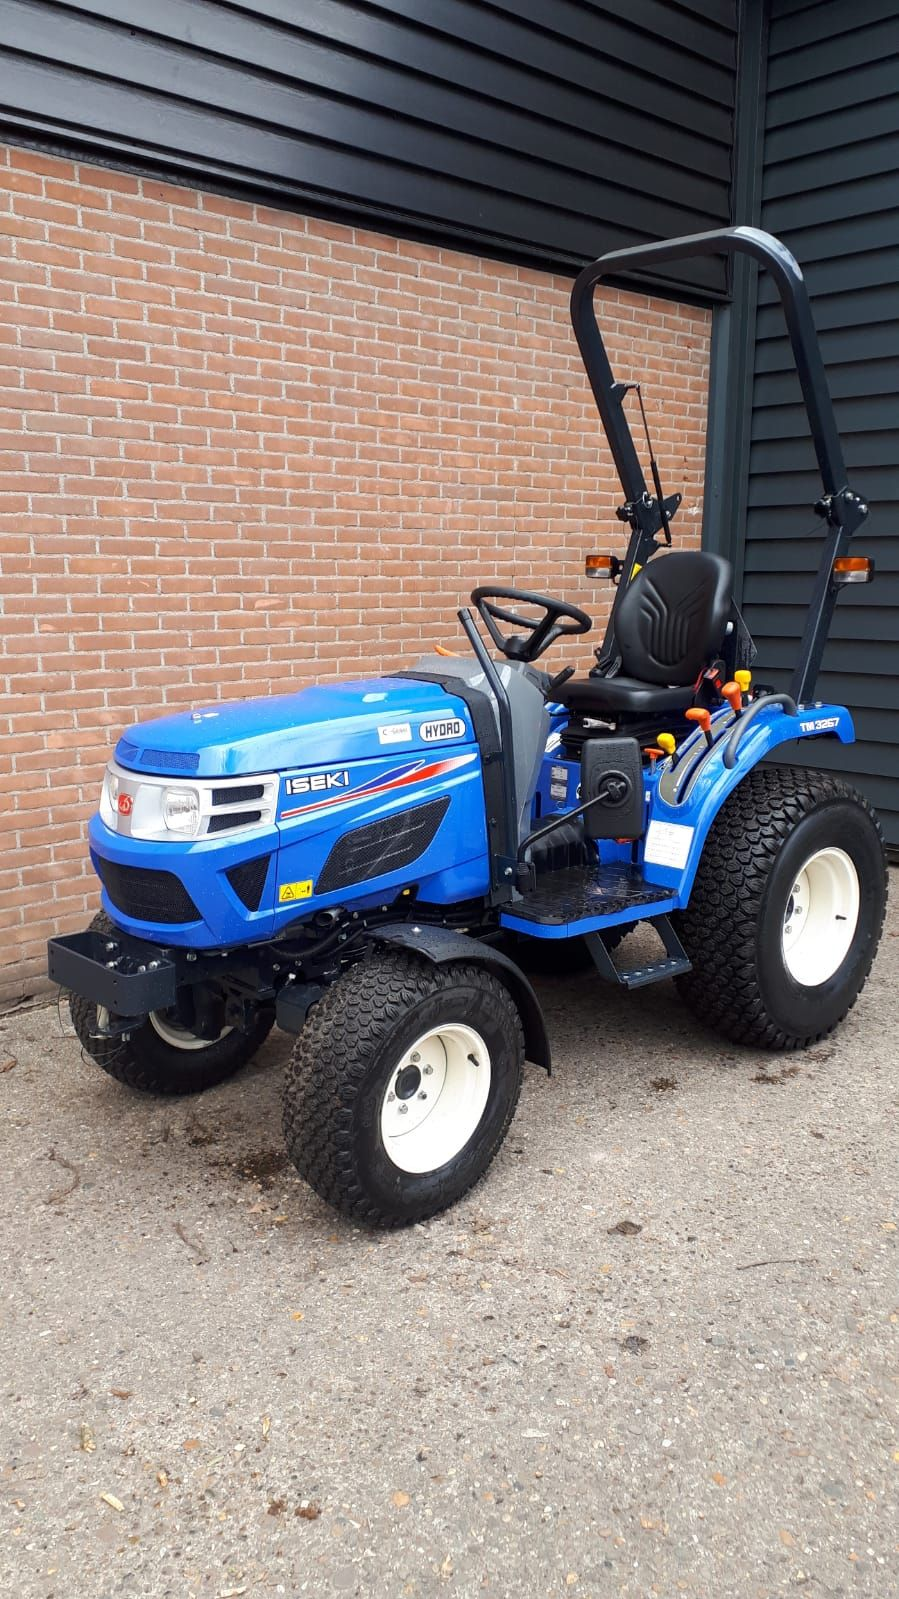 Compact tractor Iseki TM3267